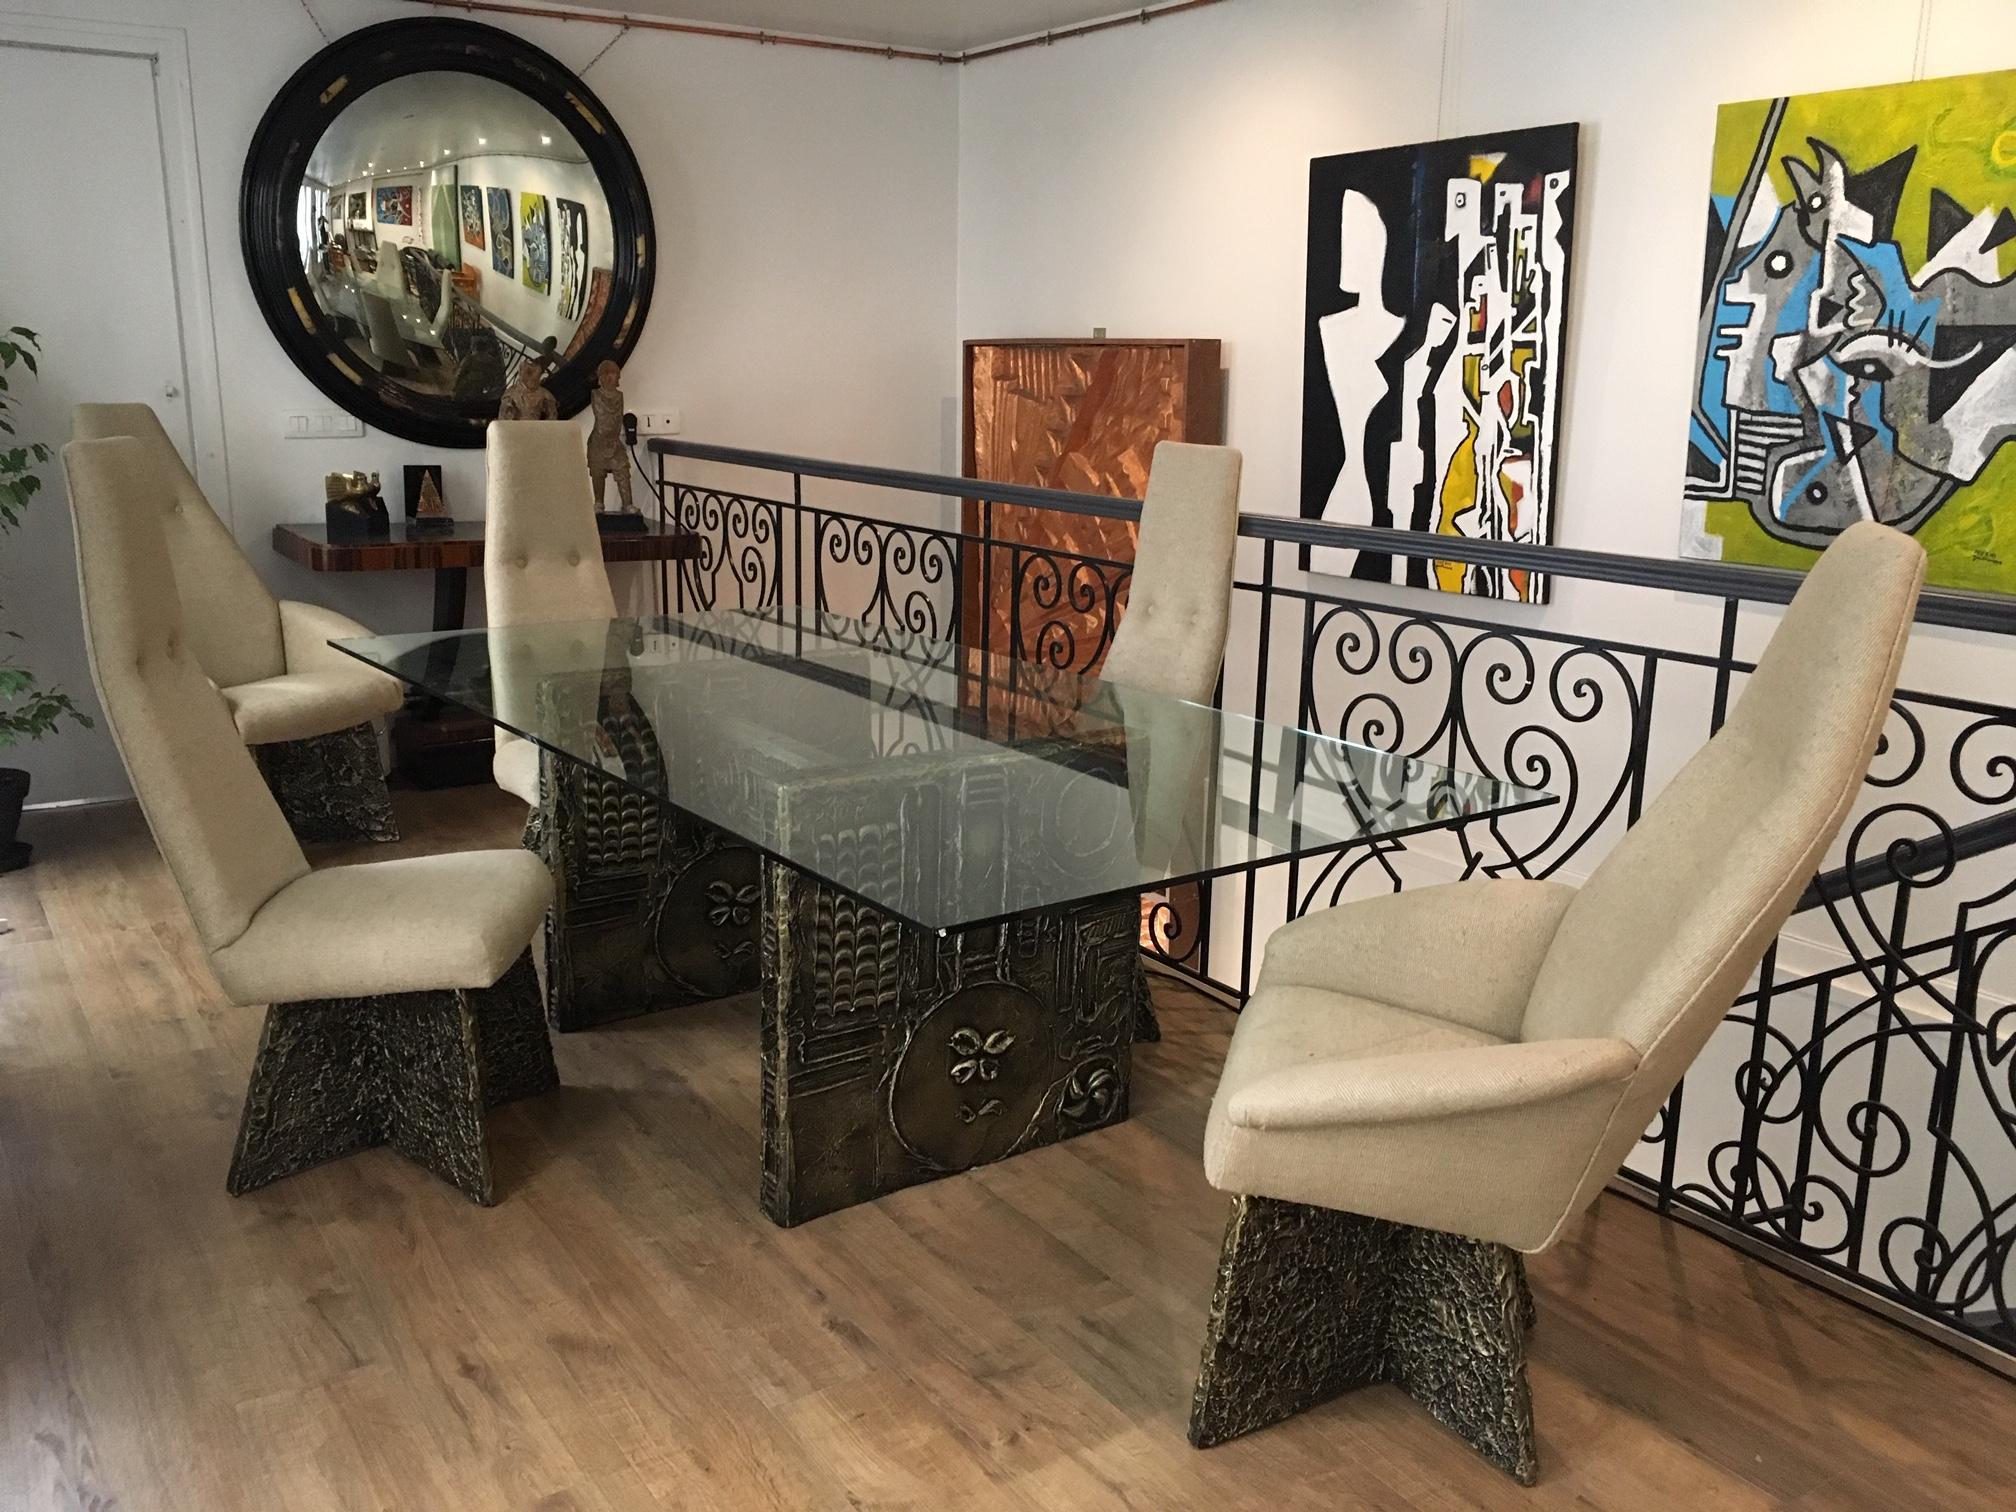 Set de 6 chaises et table style brutaliste, USA, environ 1960, SMC Gallery, Paris.